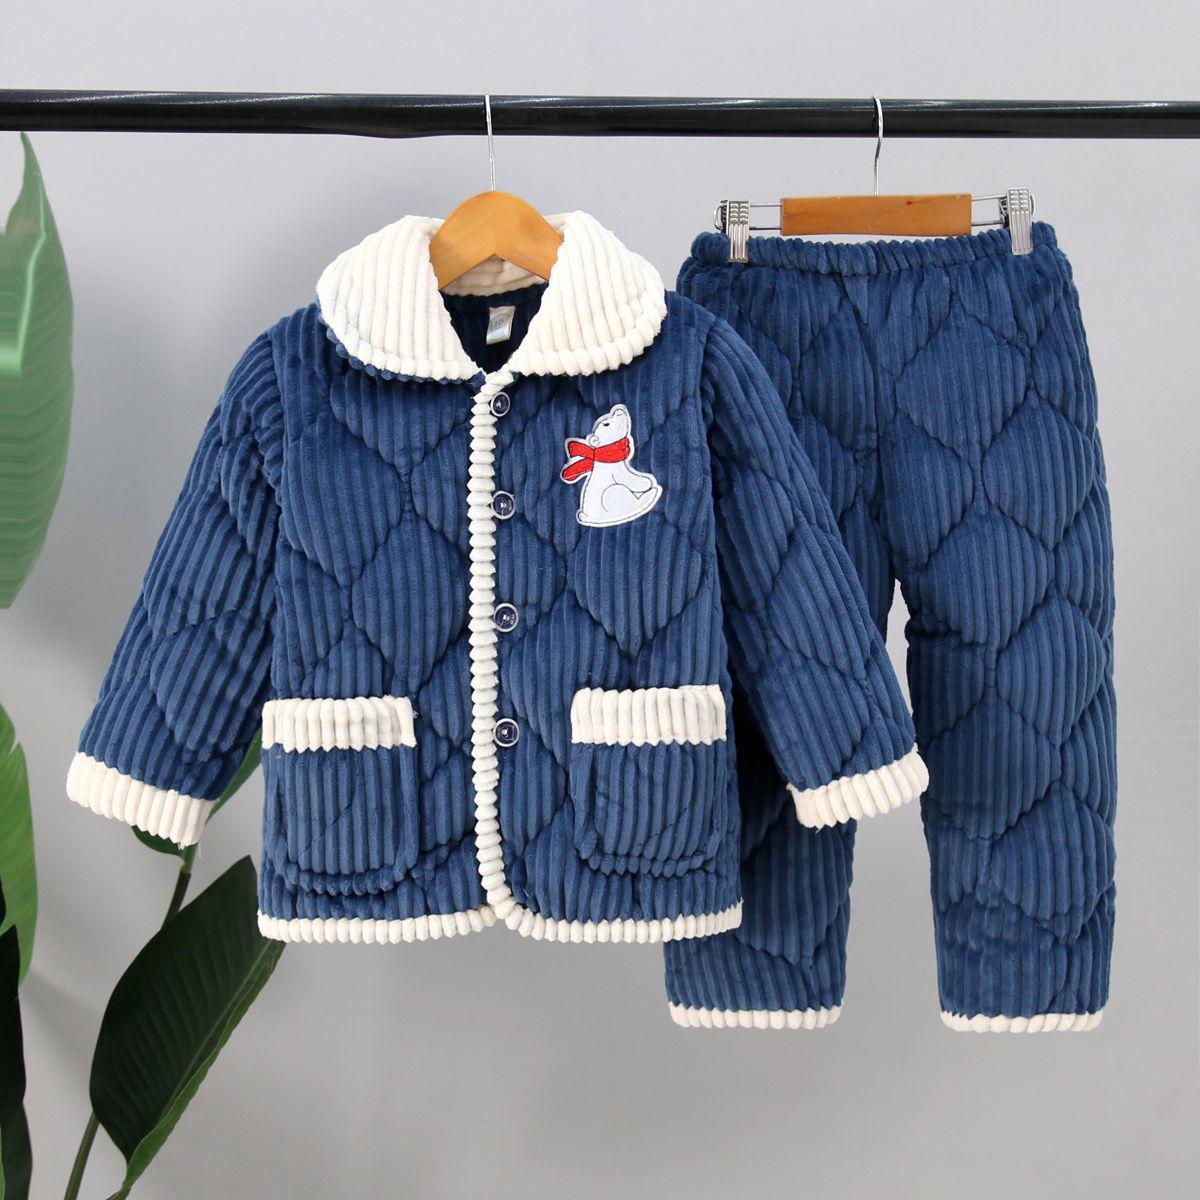 冬季儿童睡衣三层加厚夹棉宝宝男孩女童大童珊瑚绒保暖家居服套装